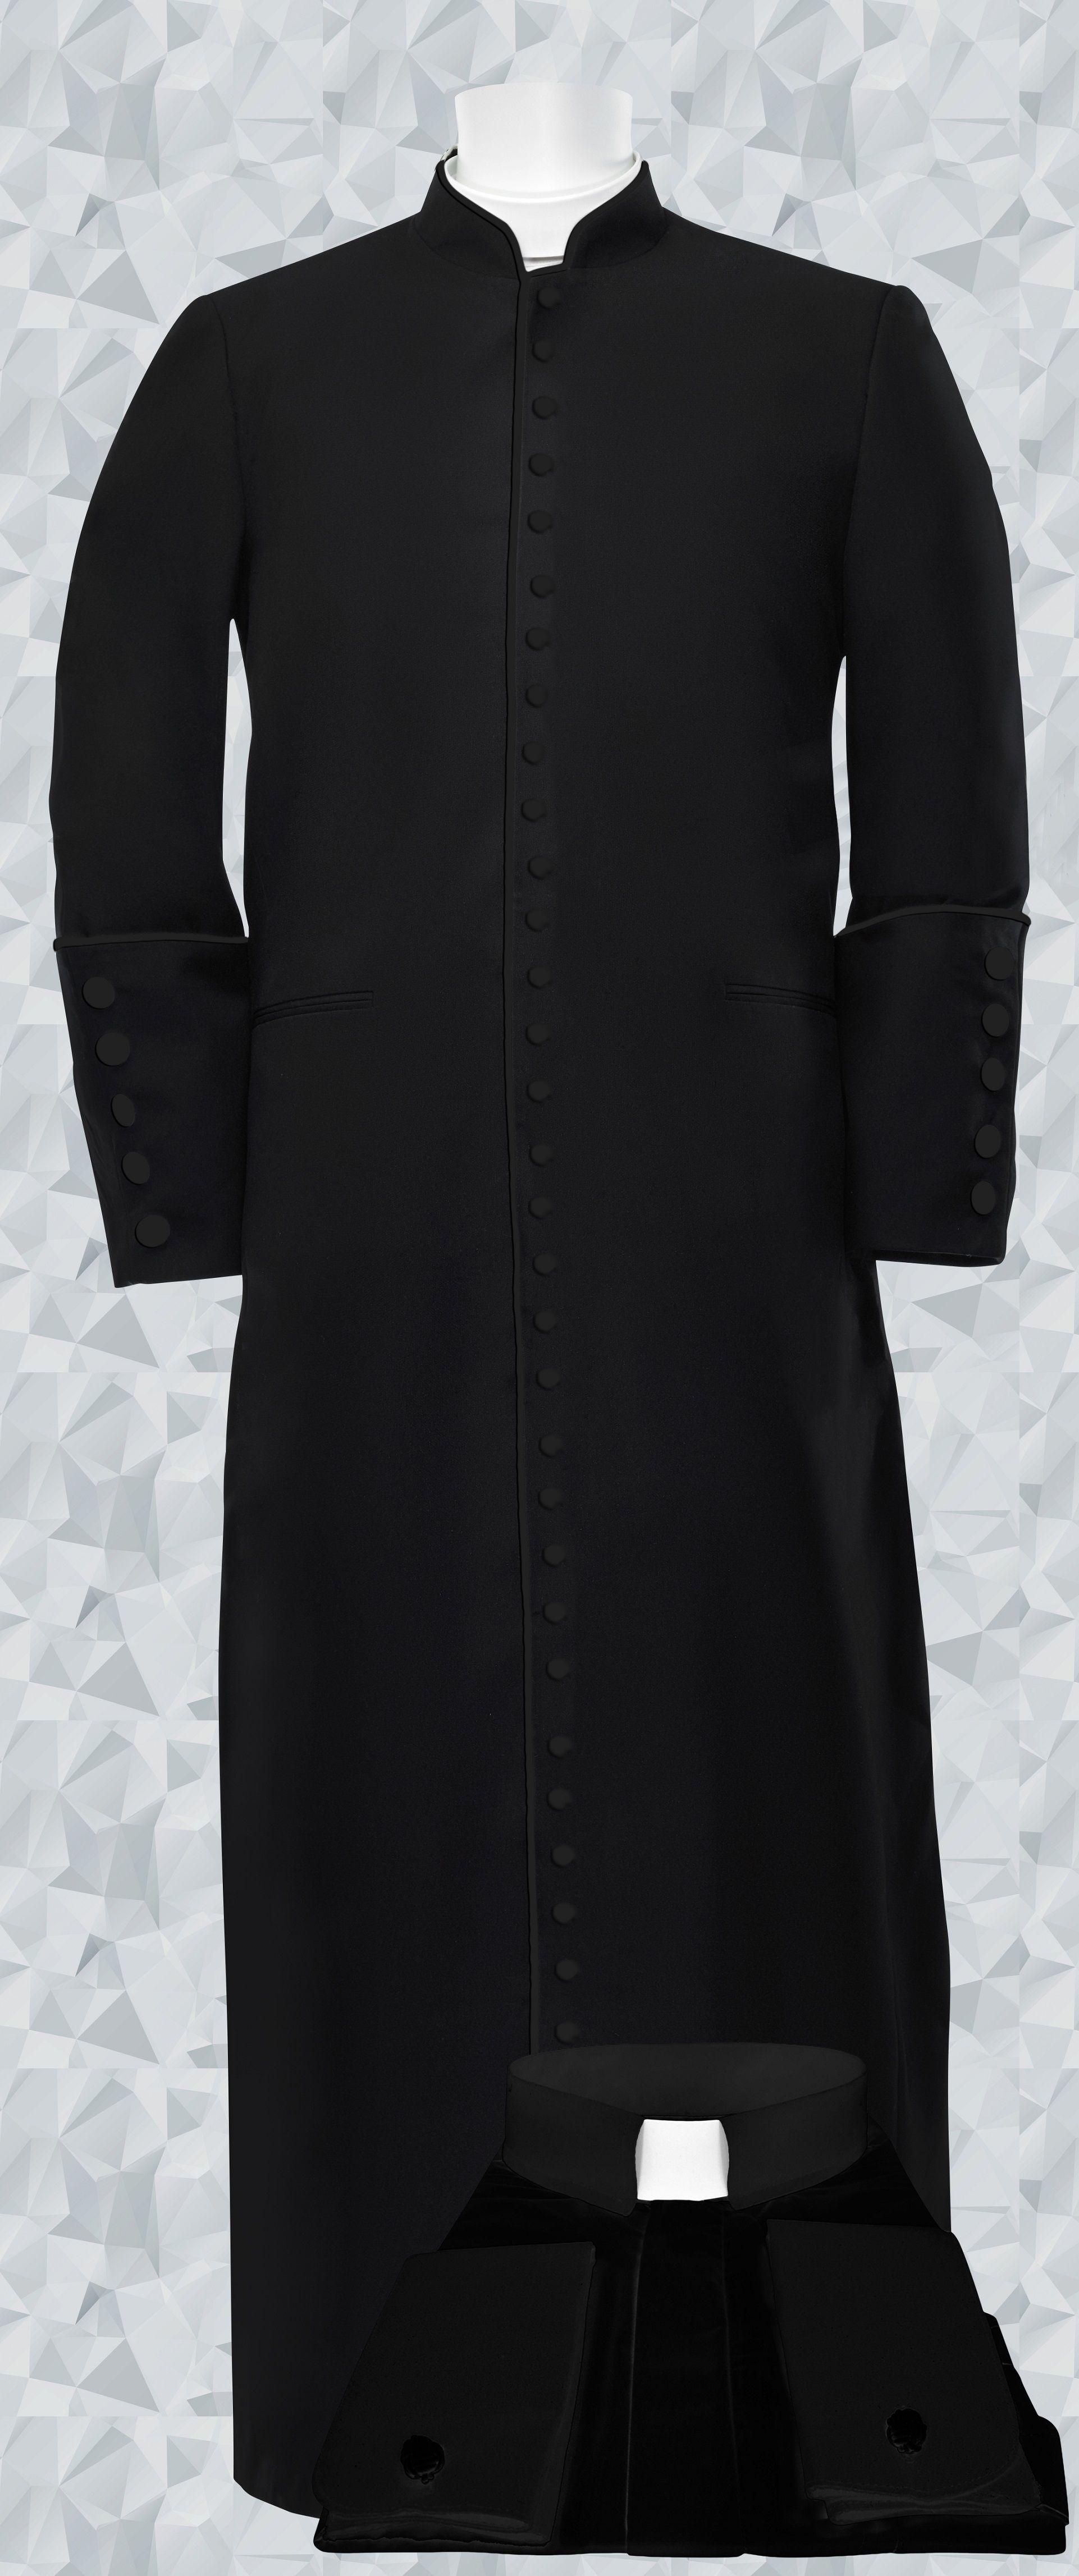 253 M. Men's Roman Cassock & Custom Shirt Package Black